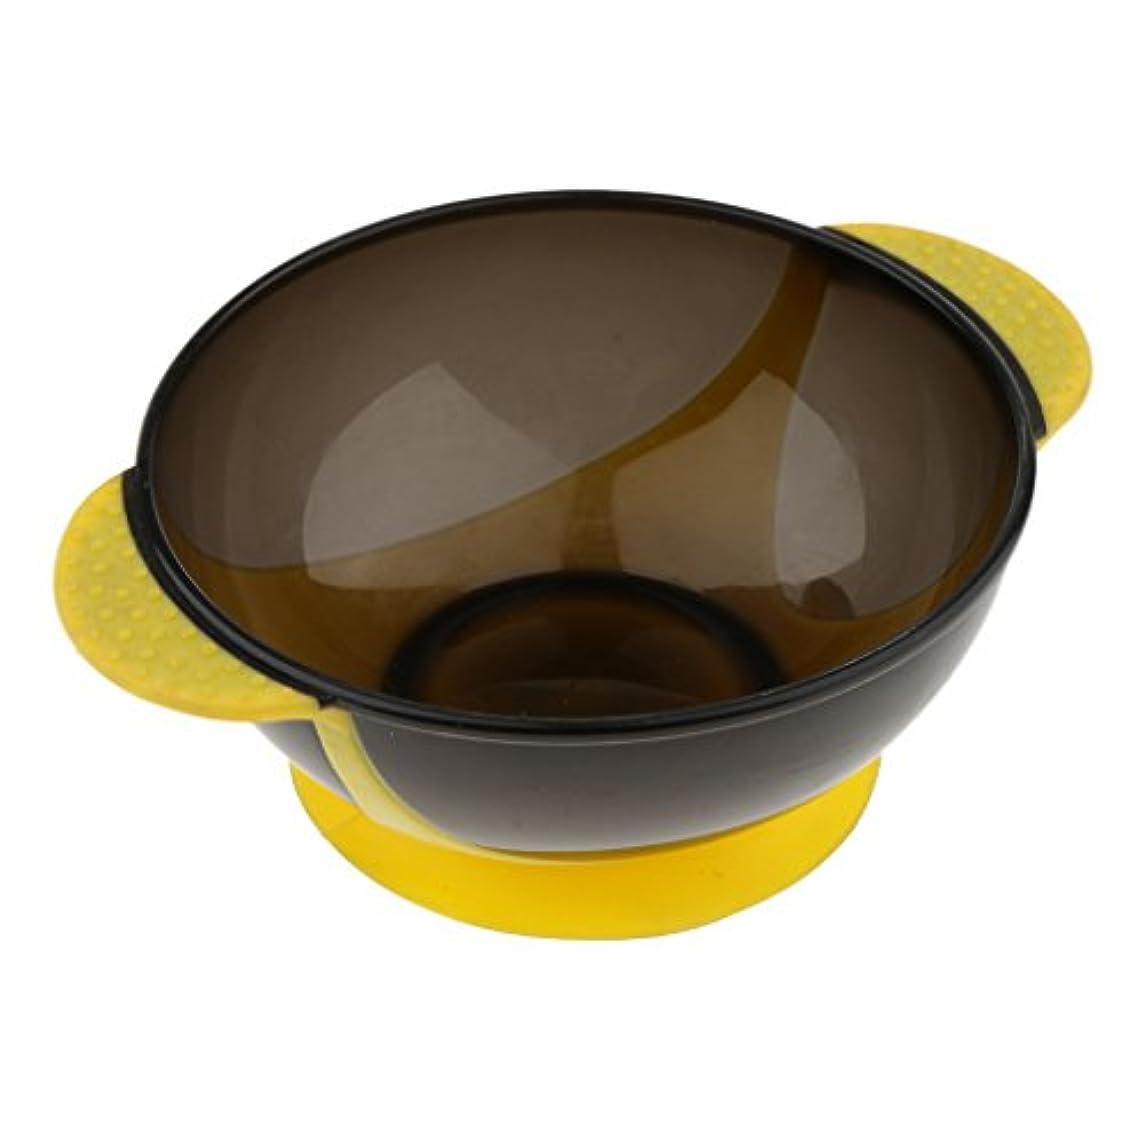 発送プラスチック消すPerfk ヘアダイボウル プラスチック製 サロン 髪染め ミントボウル 着色ツール 吸引ベース 3色選べる - 黄